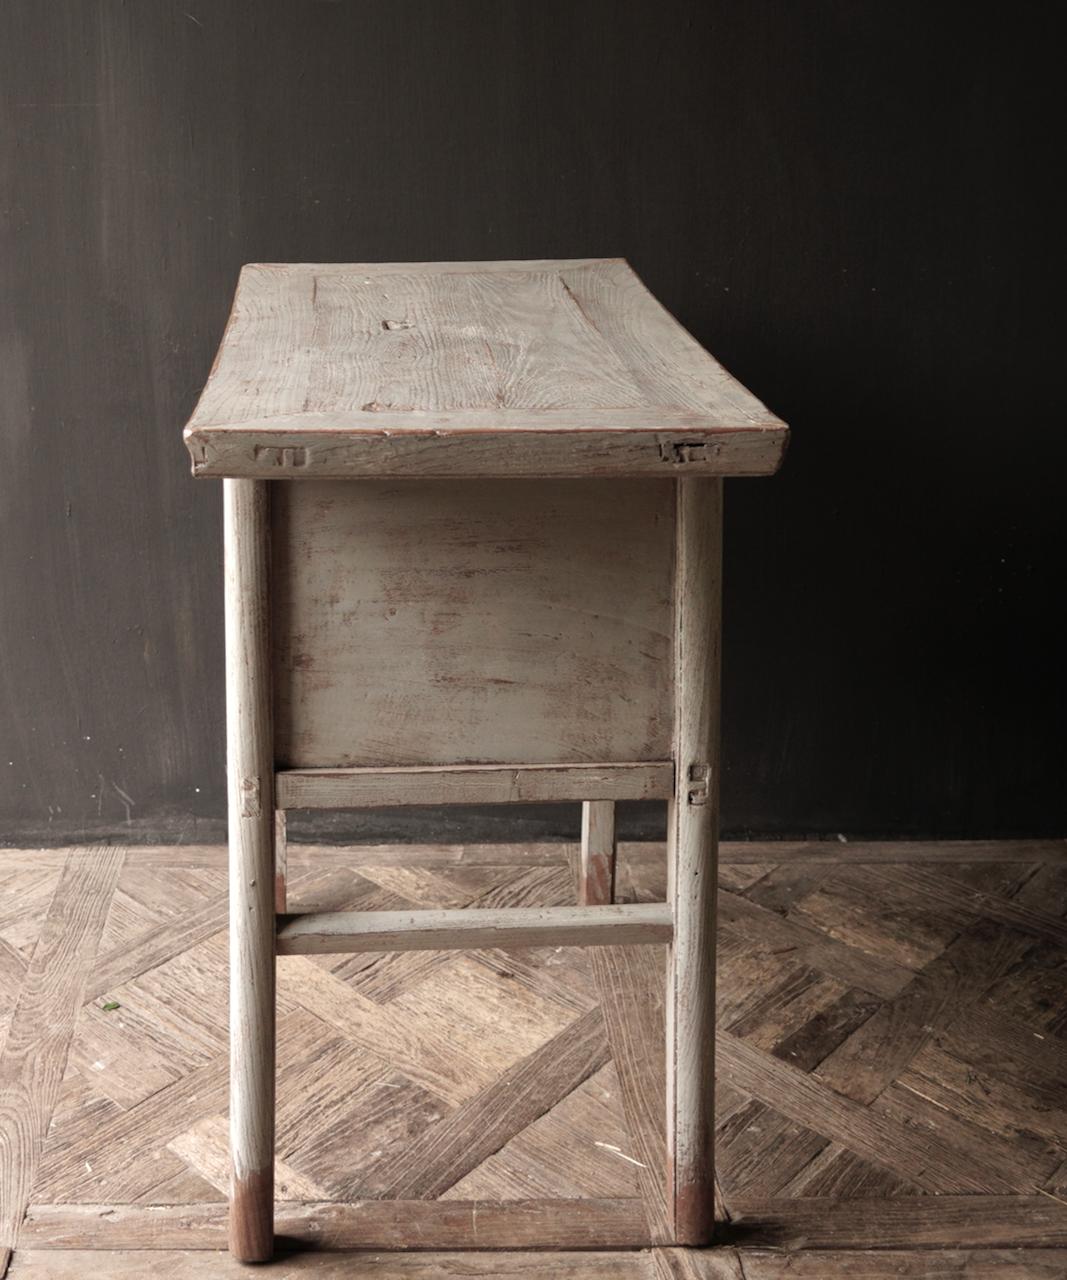 Authentisch Einzigartiger alter Wandtisch / Beistelltisch / Badezimmermöbel mit grau lackierten Schubladen-4